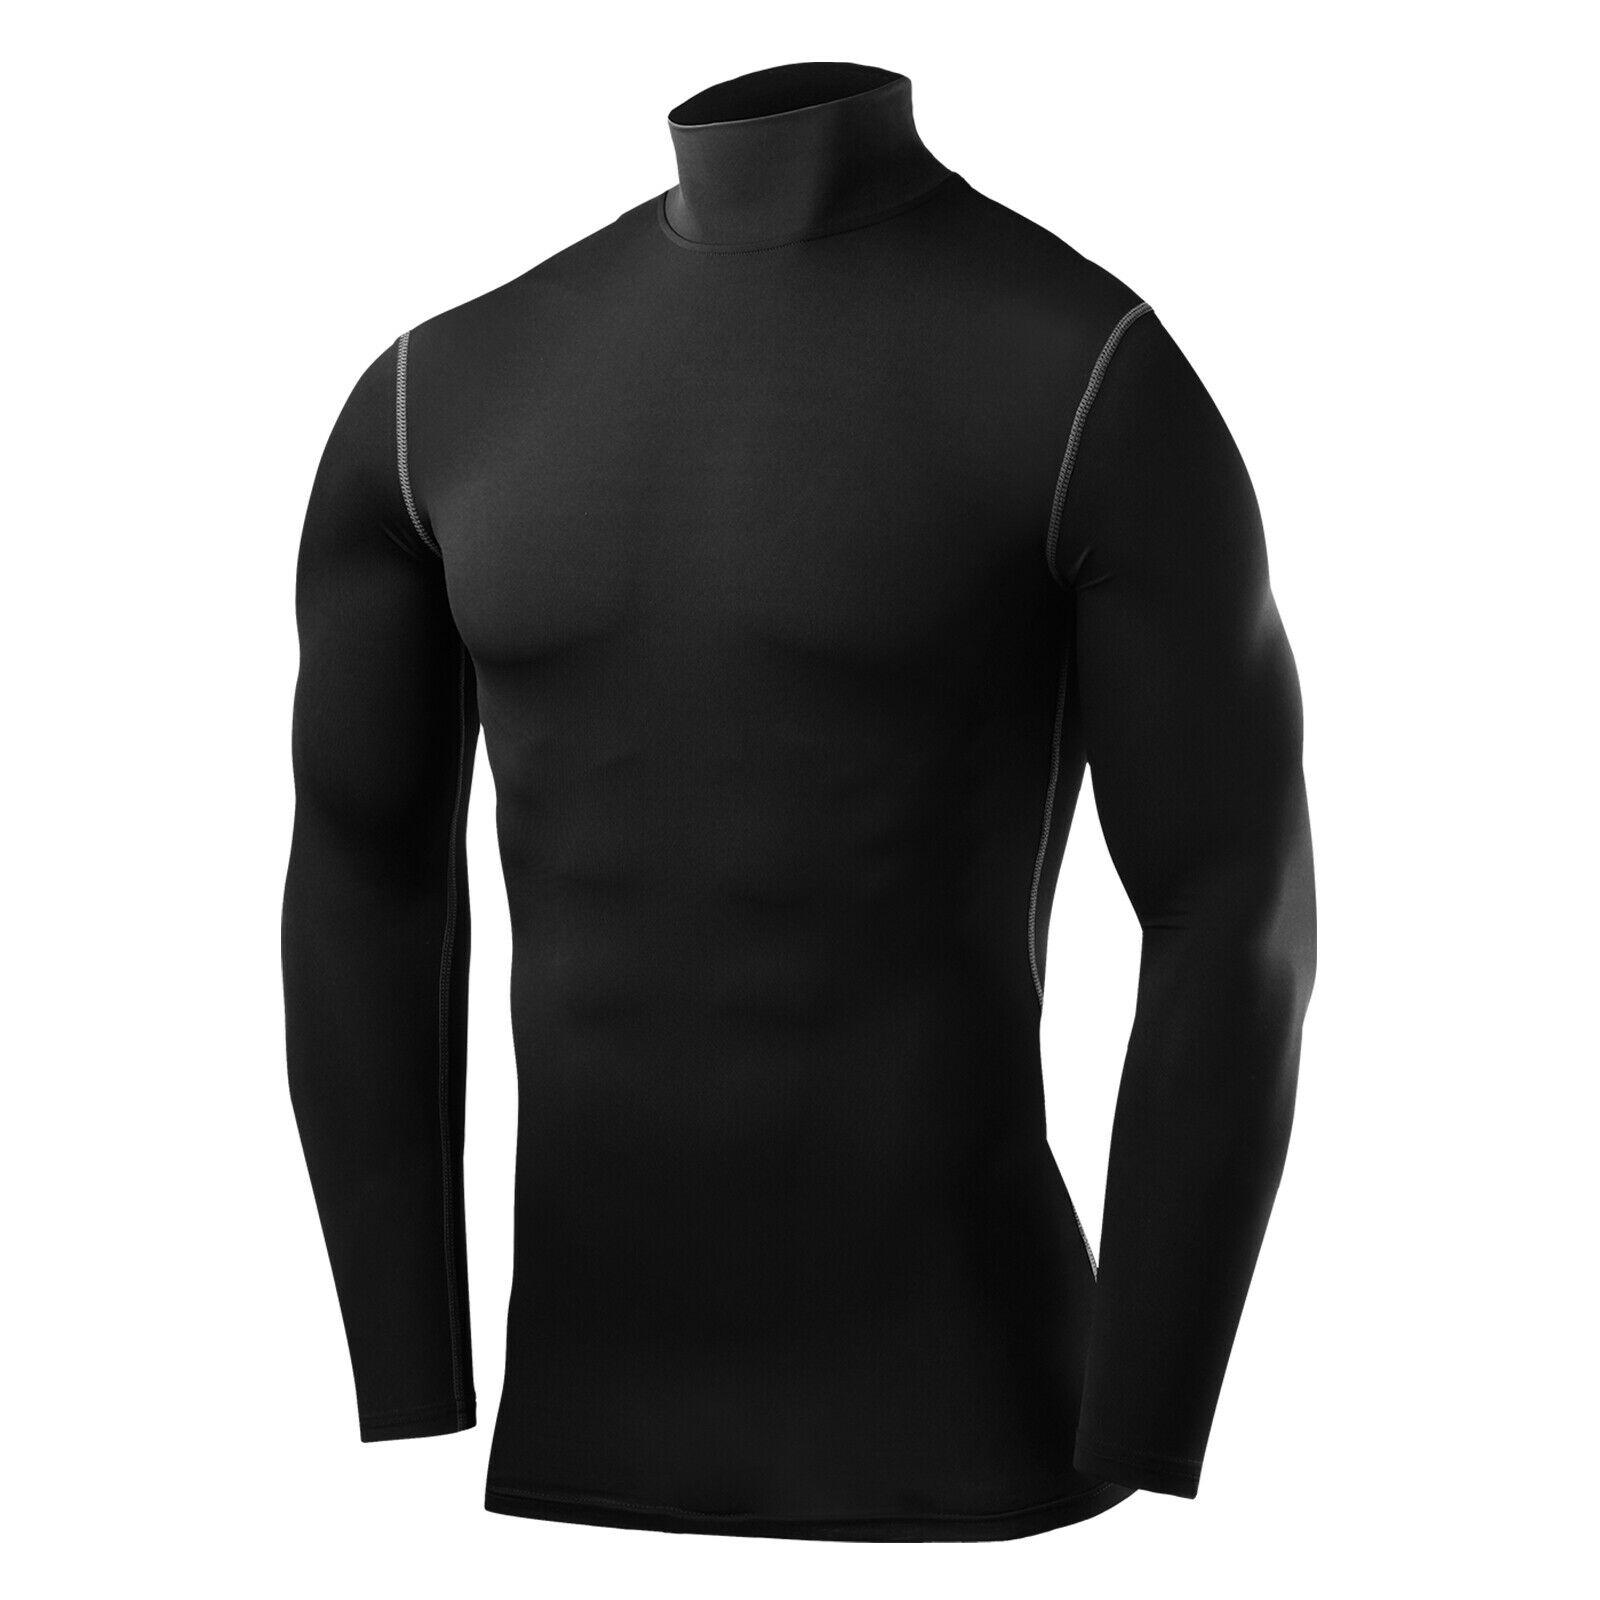 TCA Mens Boys Body Armour Compression Baselayer Powerlayer Shirt Mock Neck Reviews